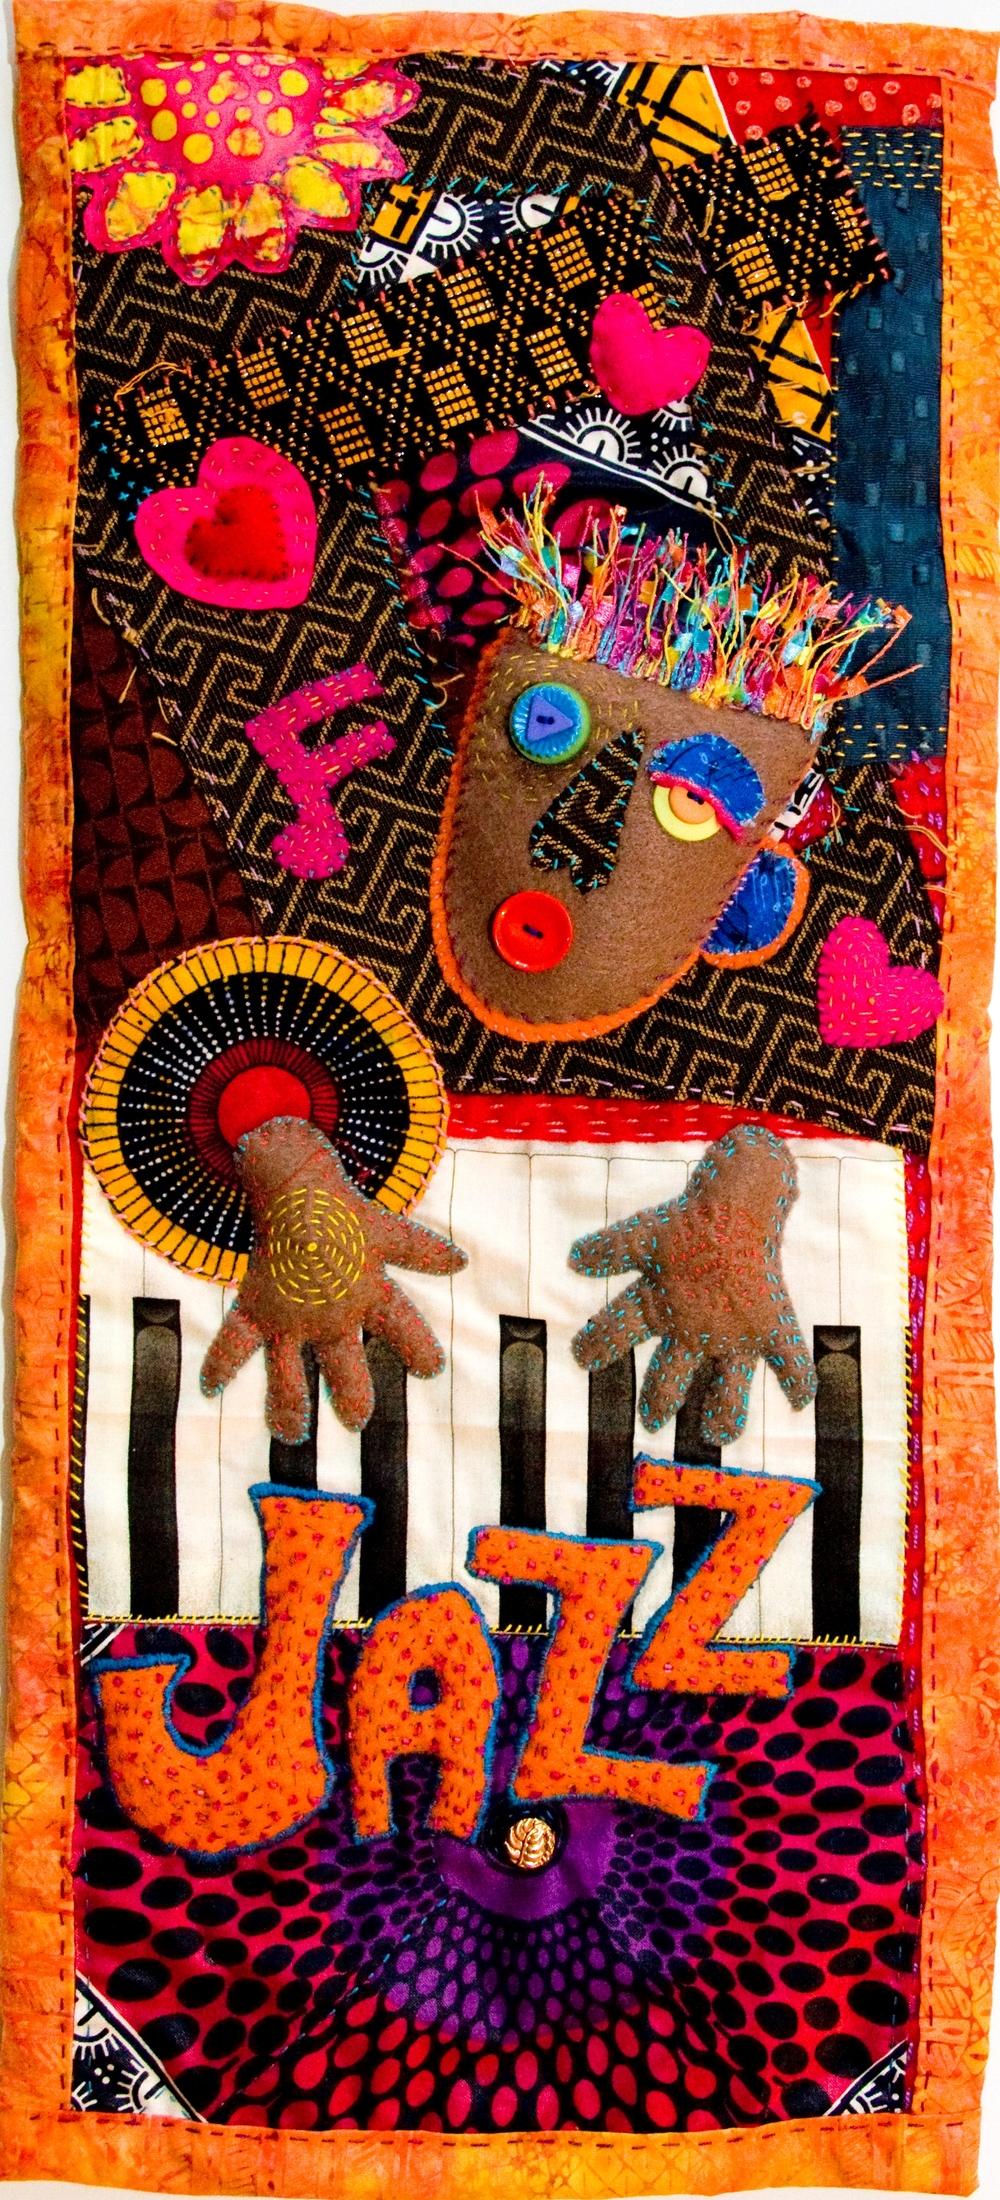 Shimoda _For the Love of Music banner.jpg